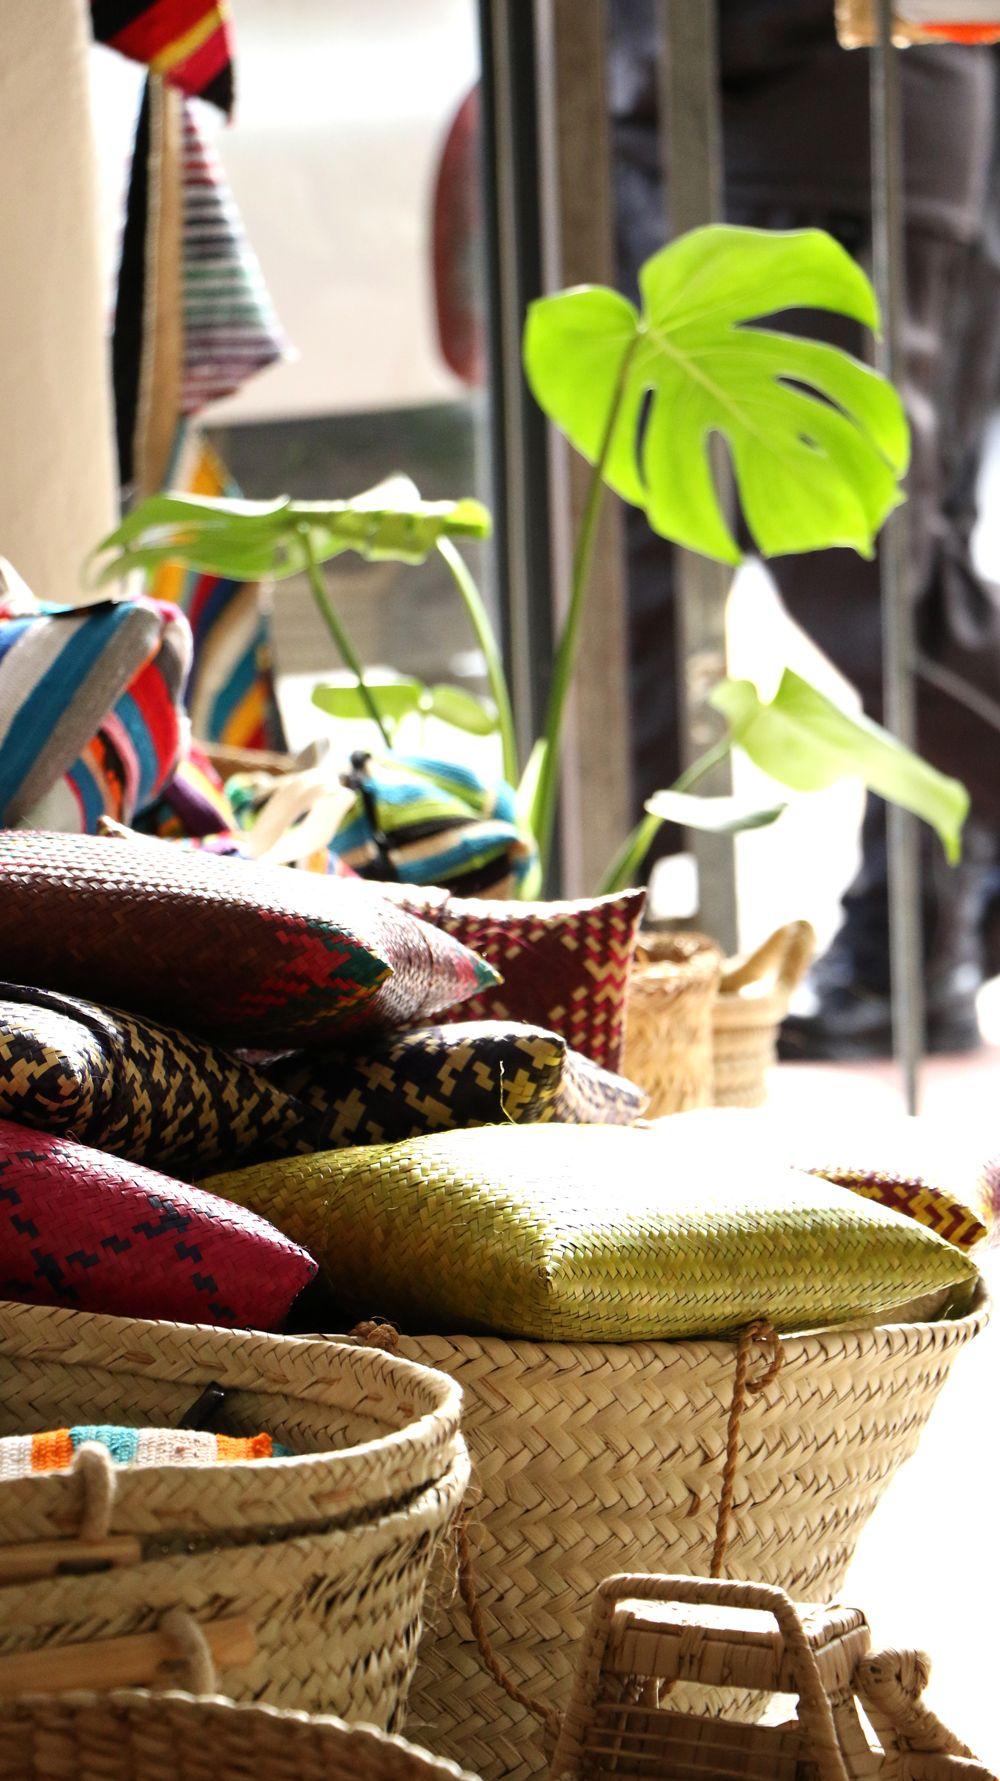 les plus récents clair et distinctif Réduction We are located at 77 Kloof street, Gardens, Cape Town. Come ...